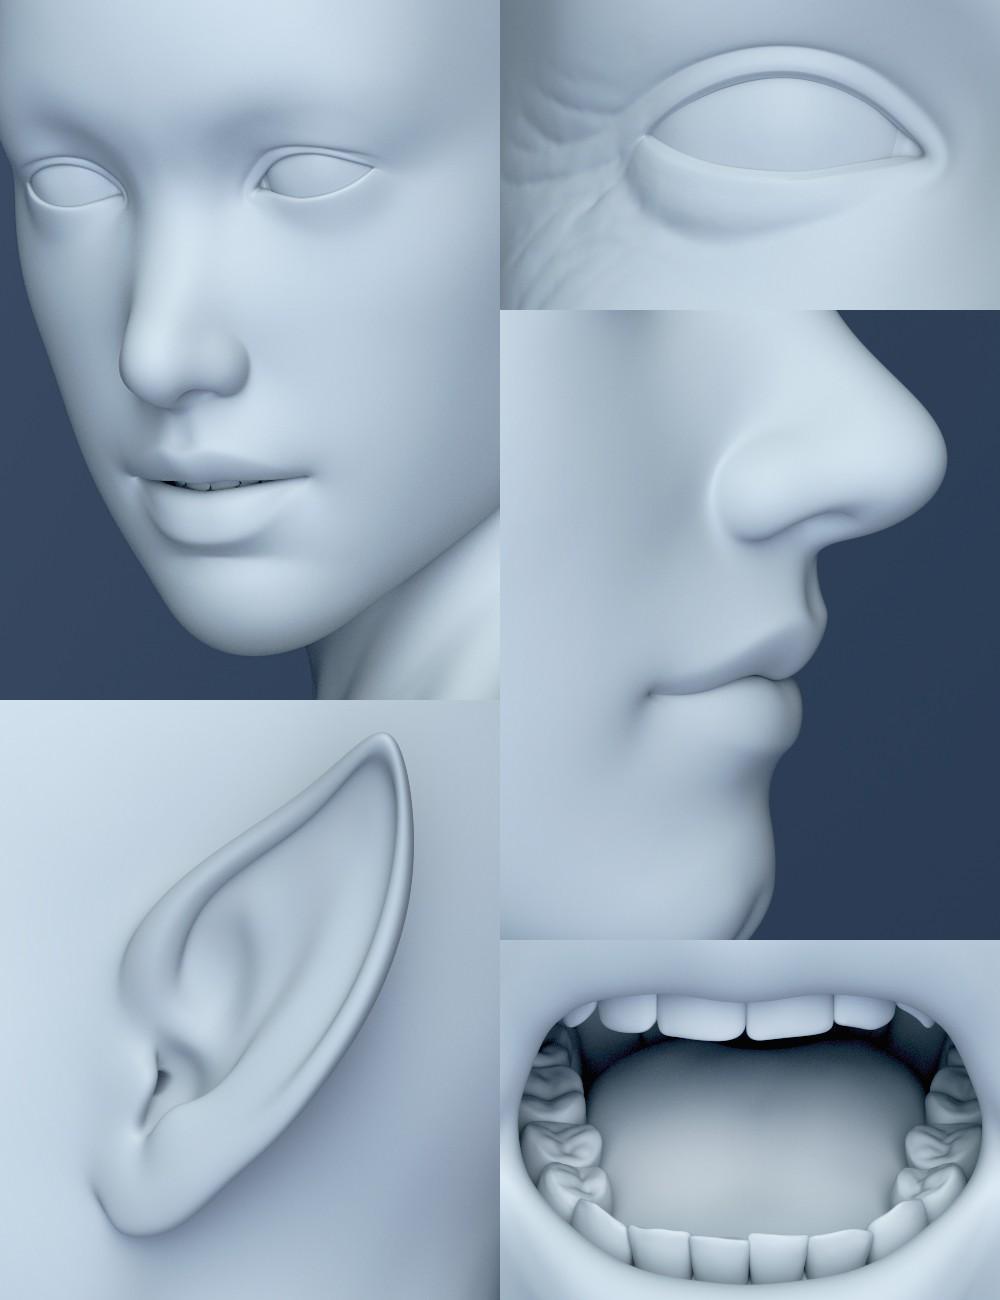 Genesis 8 Female Head Morphs